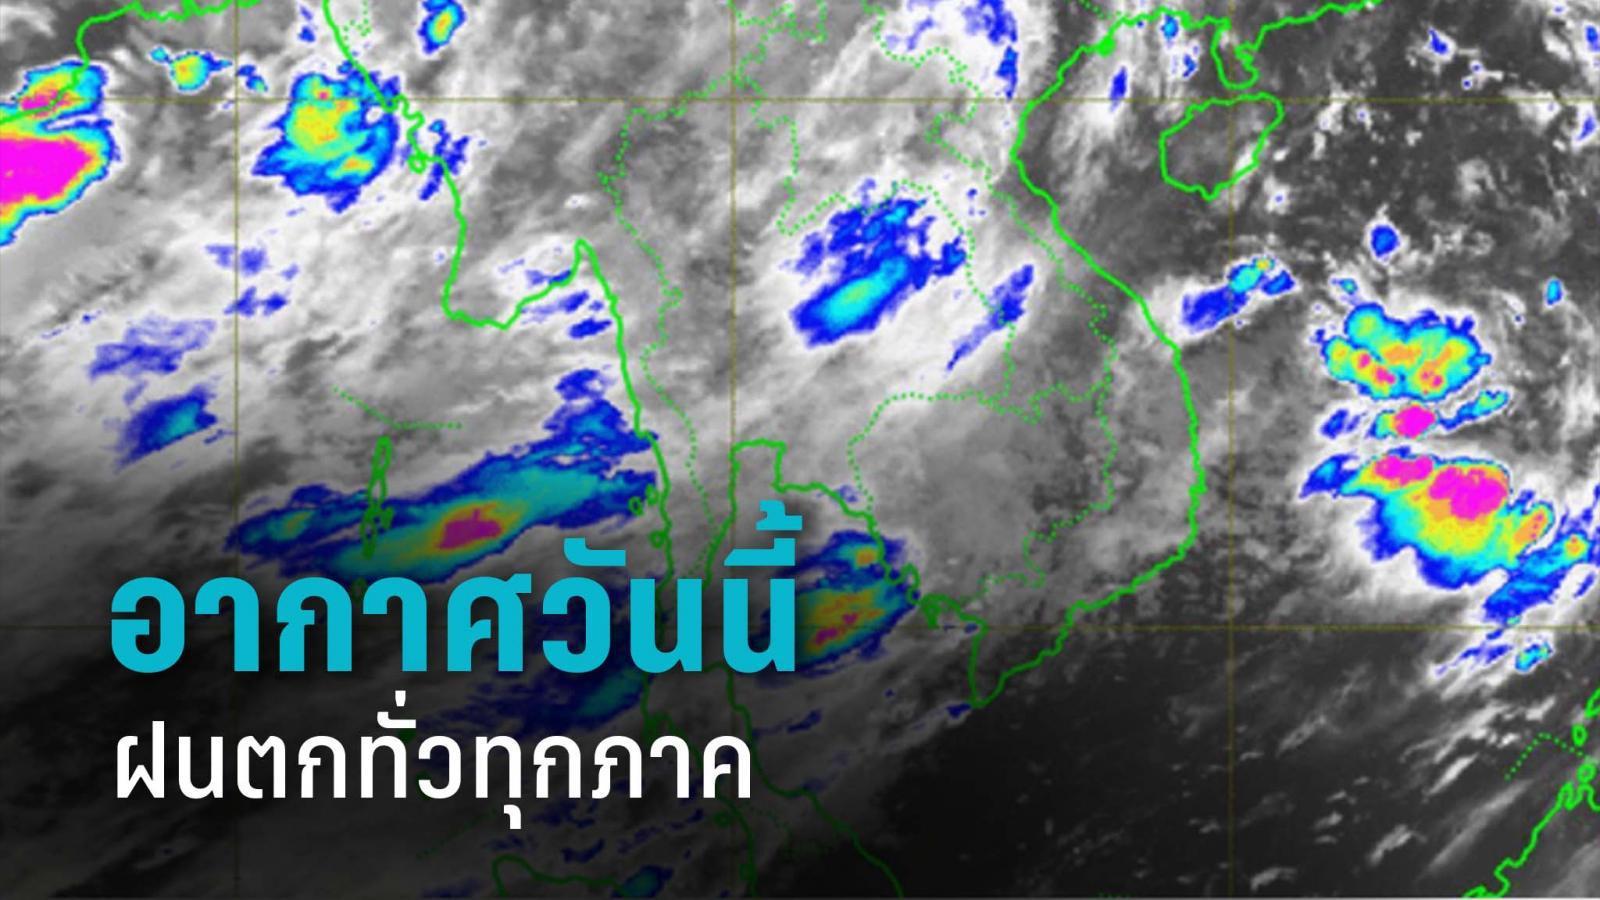 ฝนถล่มทั่วทุกภาค เหนือ-อีสาน ร้อยละ 70 กทม.ฝนฟ้าคะนองร้อยละ 60